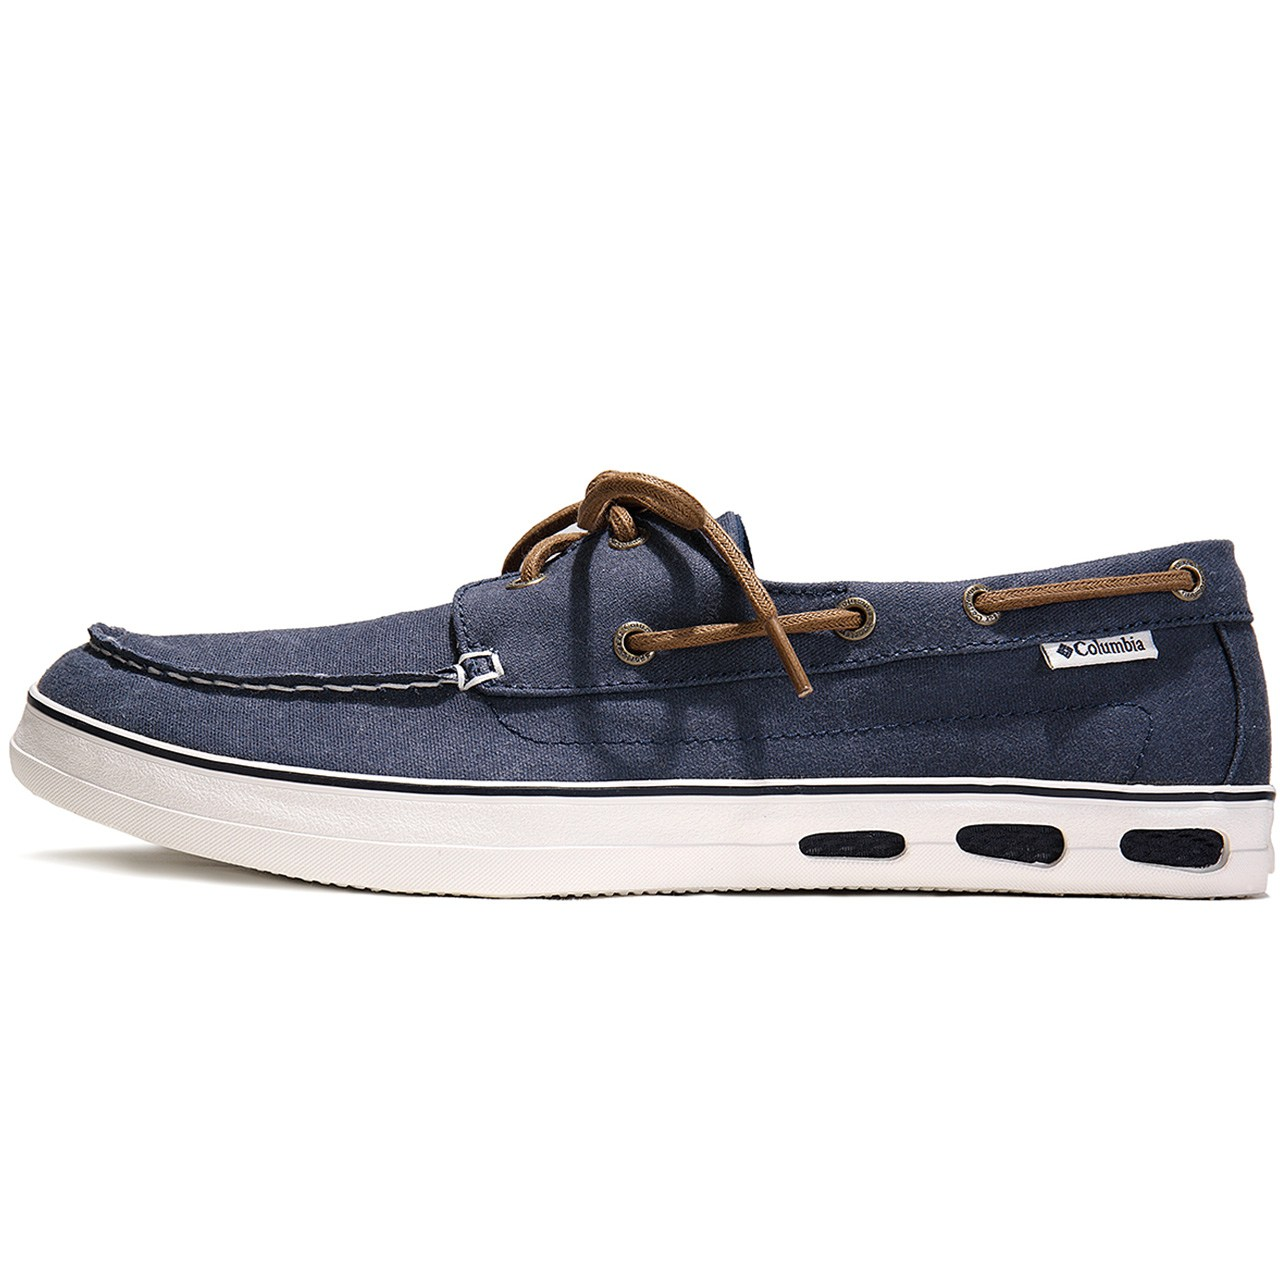 قیمت کفش راحتی مردانه کلمبیا مدل Vulc N Vent Shore Boat